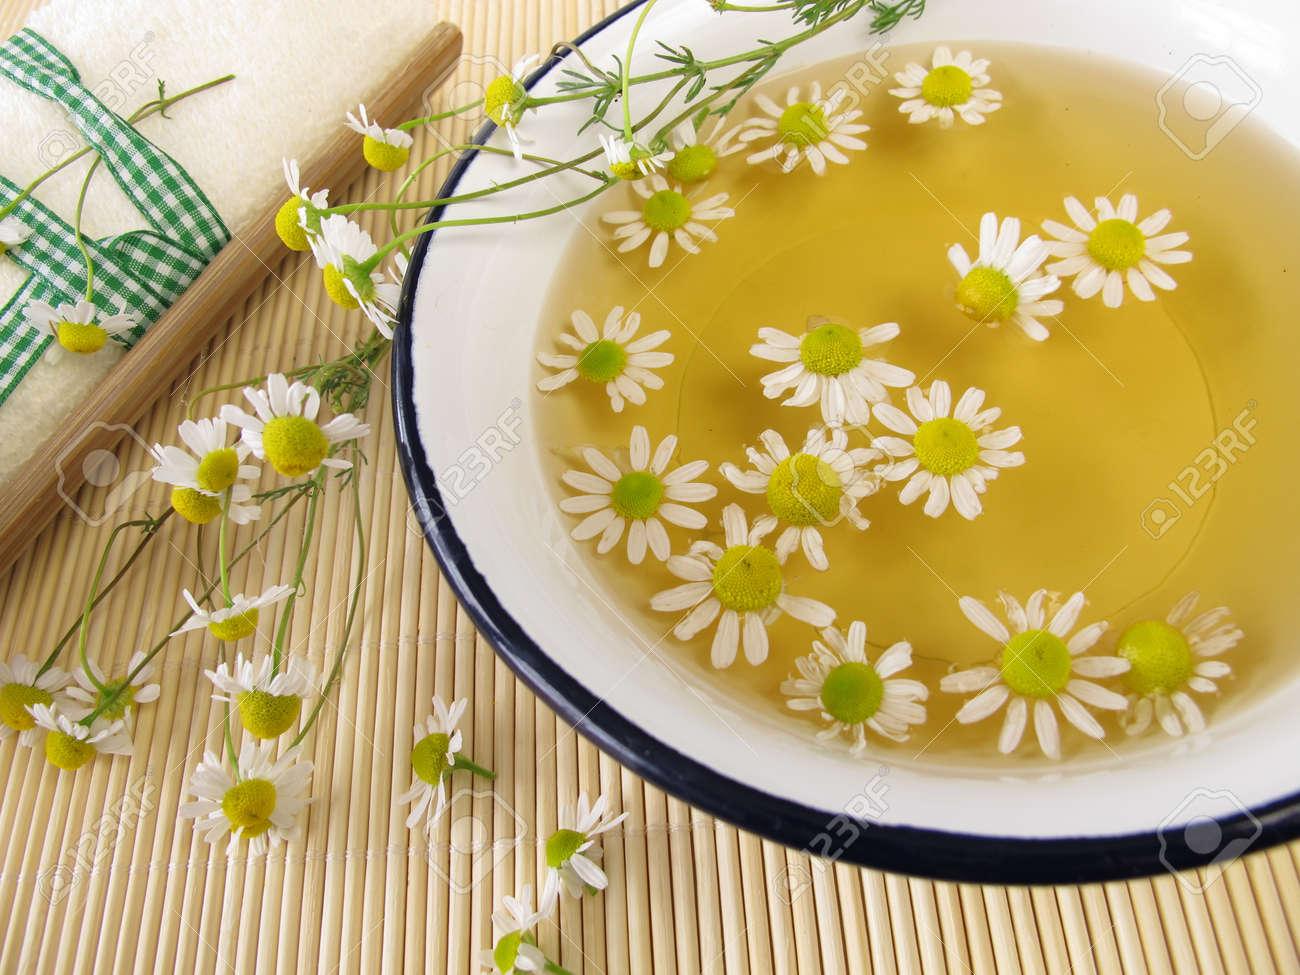 Ромашка аптечная (лекарственная трава) - полезные свойства 71